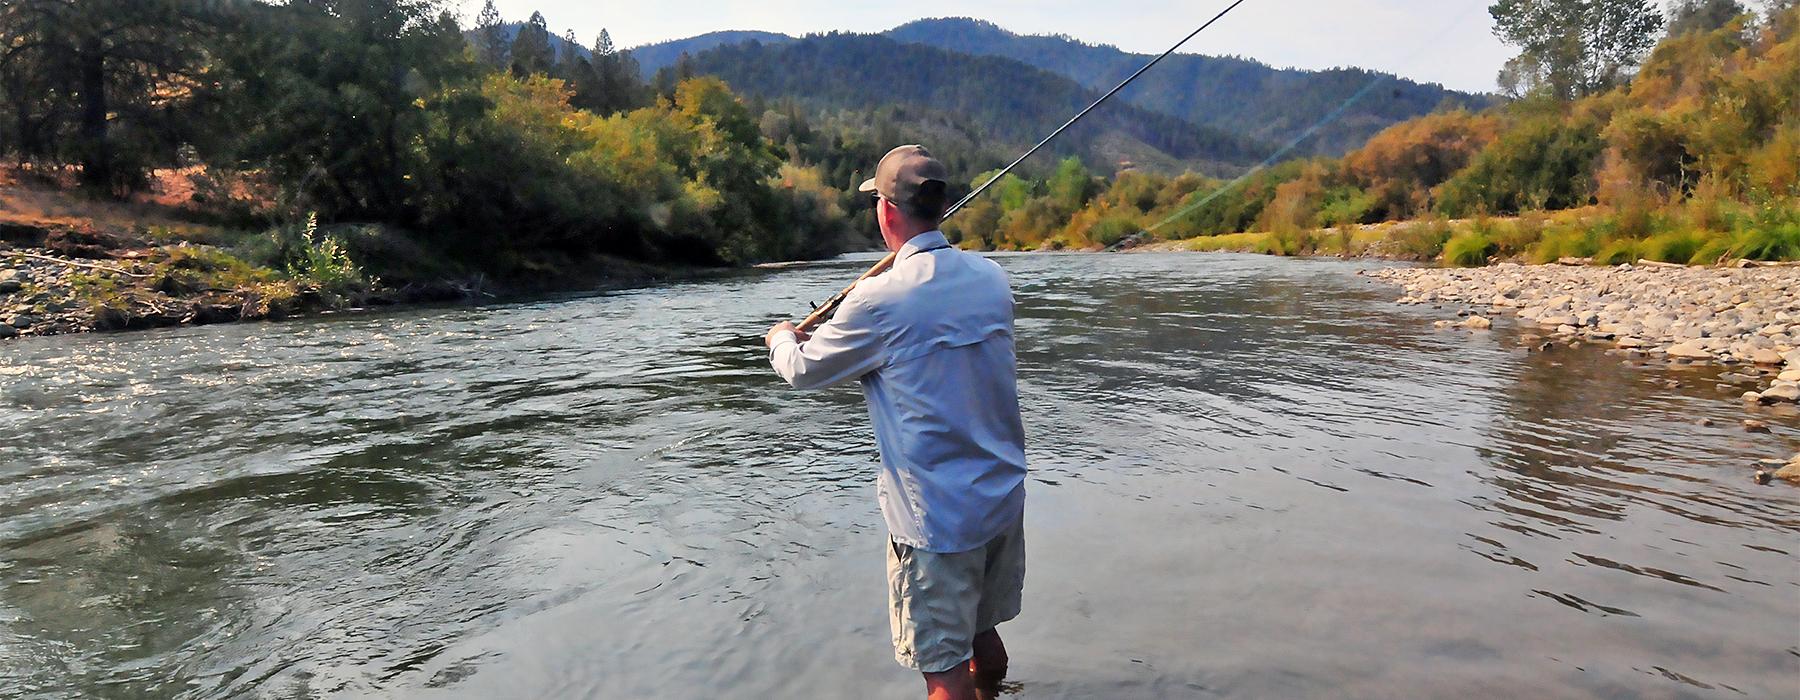 Summer Run Steelhead Fly Fishing in Northern California